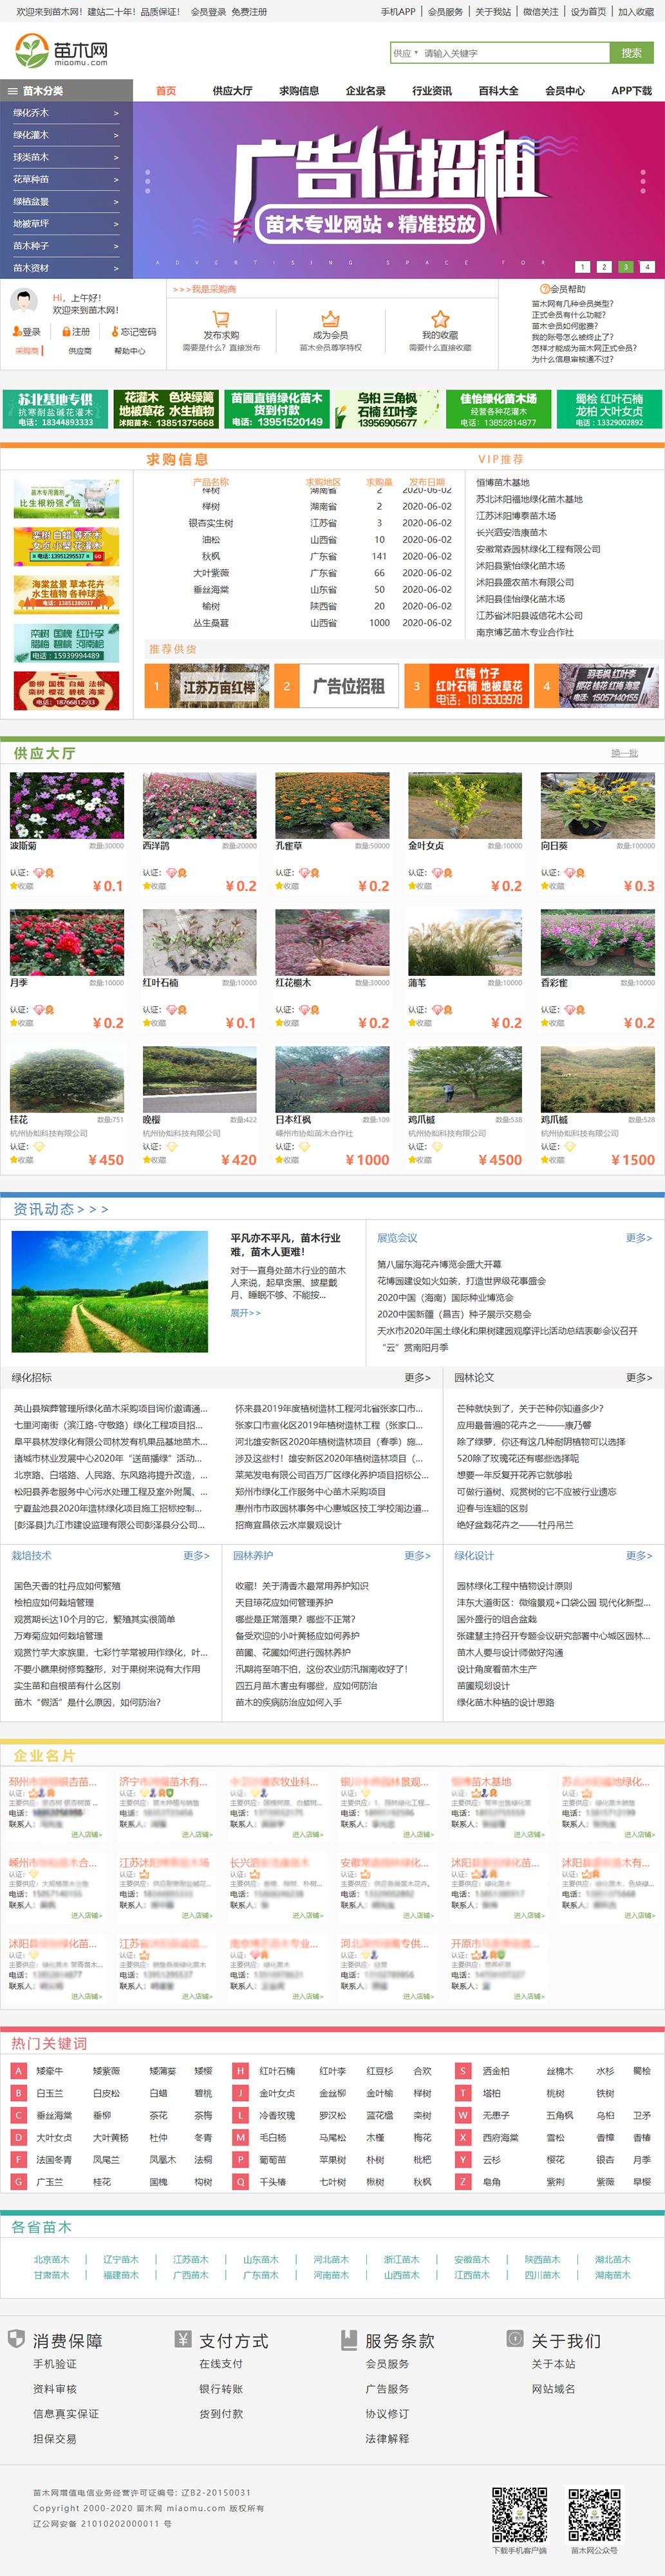 中國苗木網-苗木求購_苗木價格_苗木網上交易云平臺